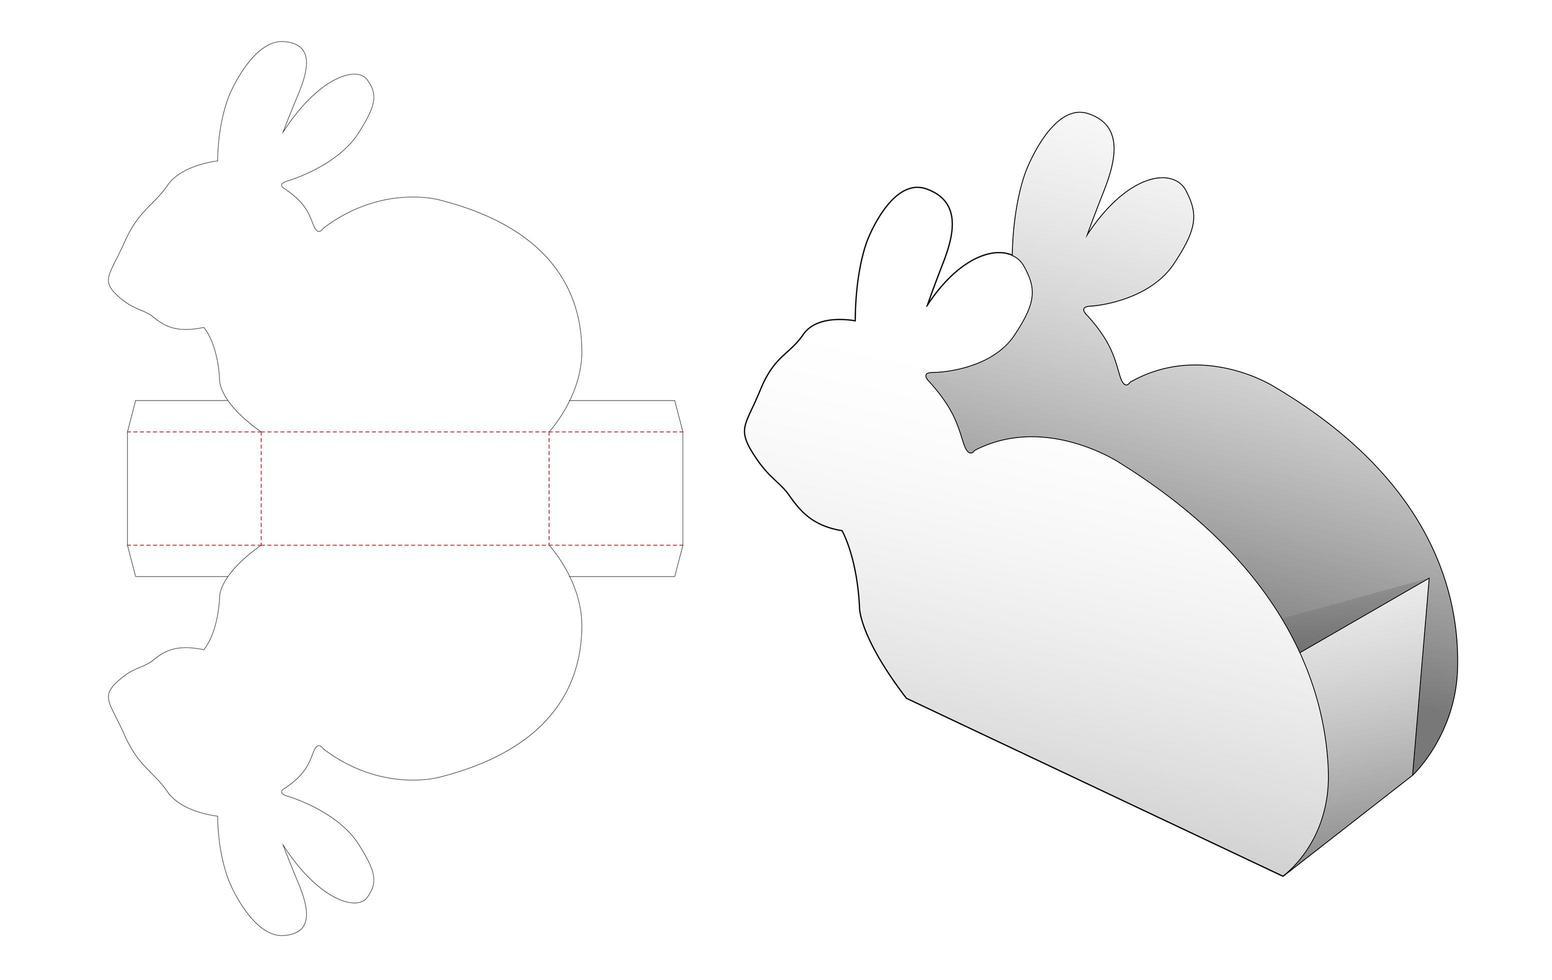 kaninformad mellanmålbehållare vektor